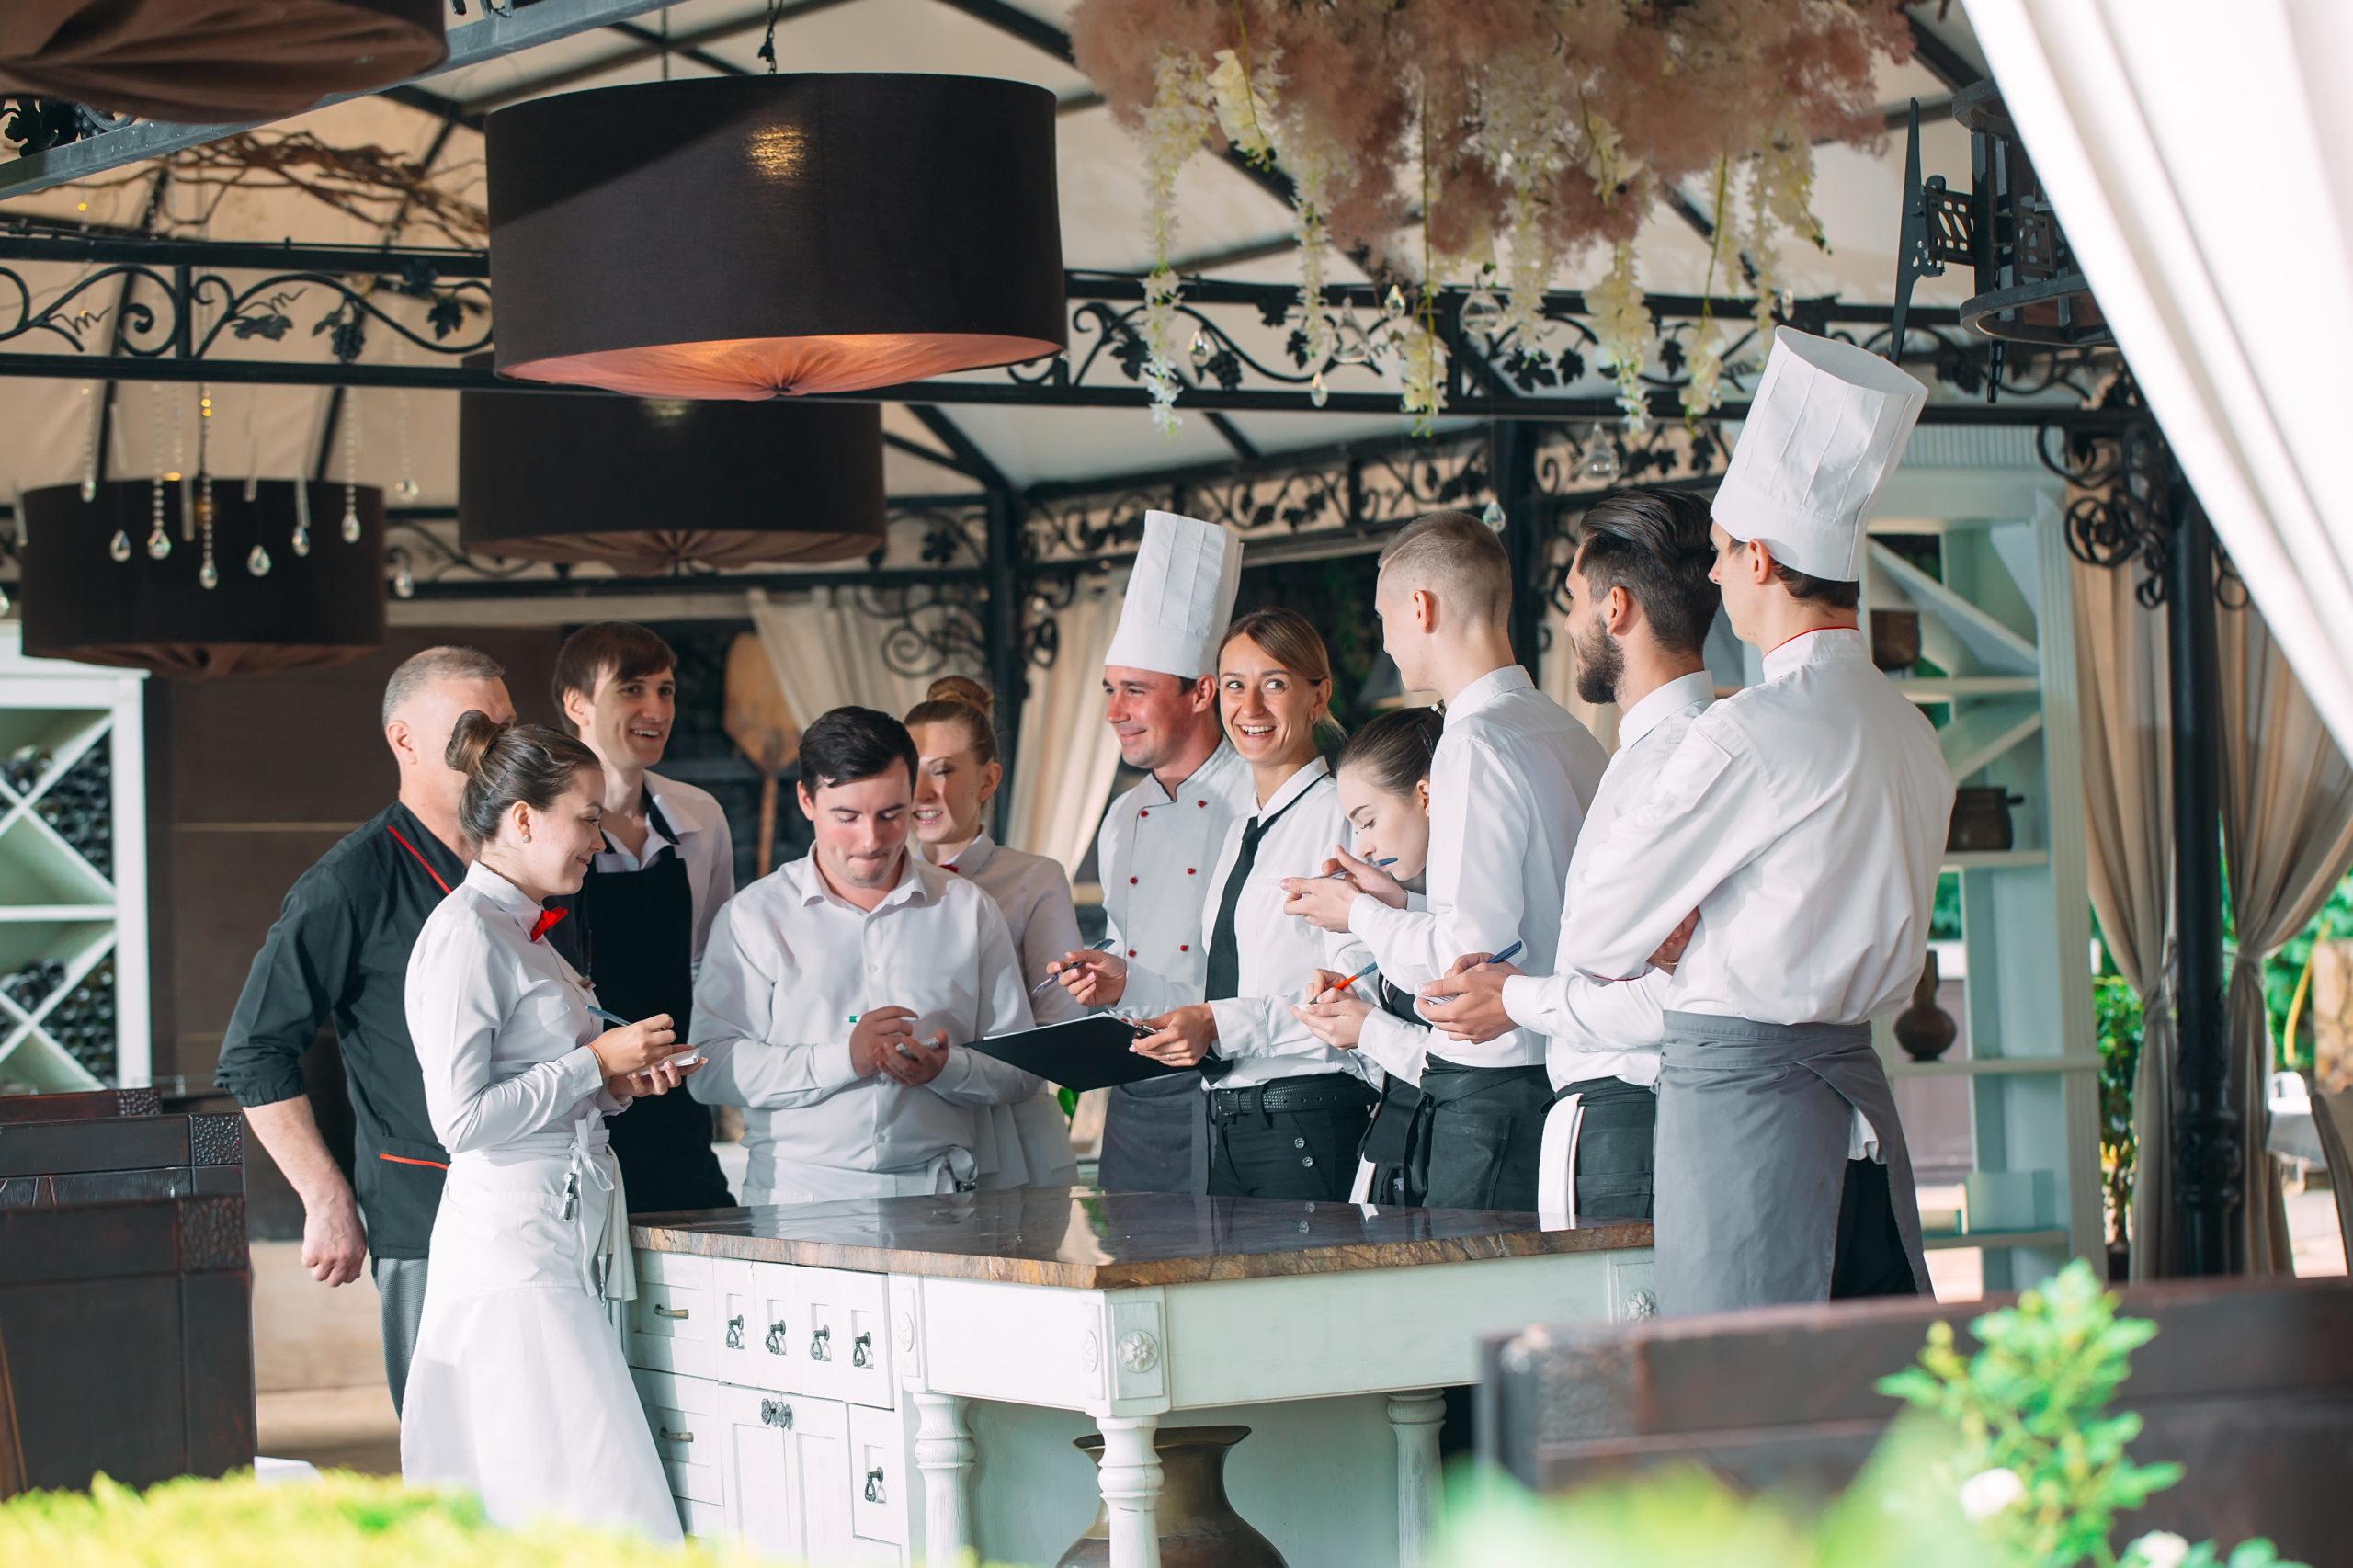 Ausbildungsberuf Restaurantfachmann und Restaurantfachfrau: Alles was du wissen musst!